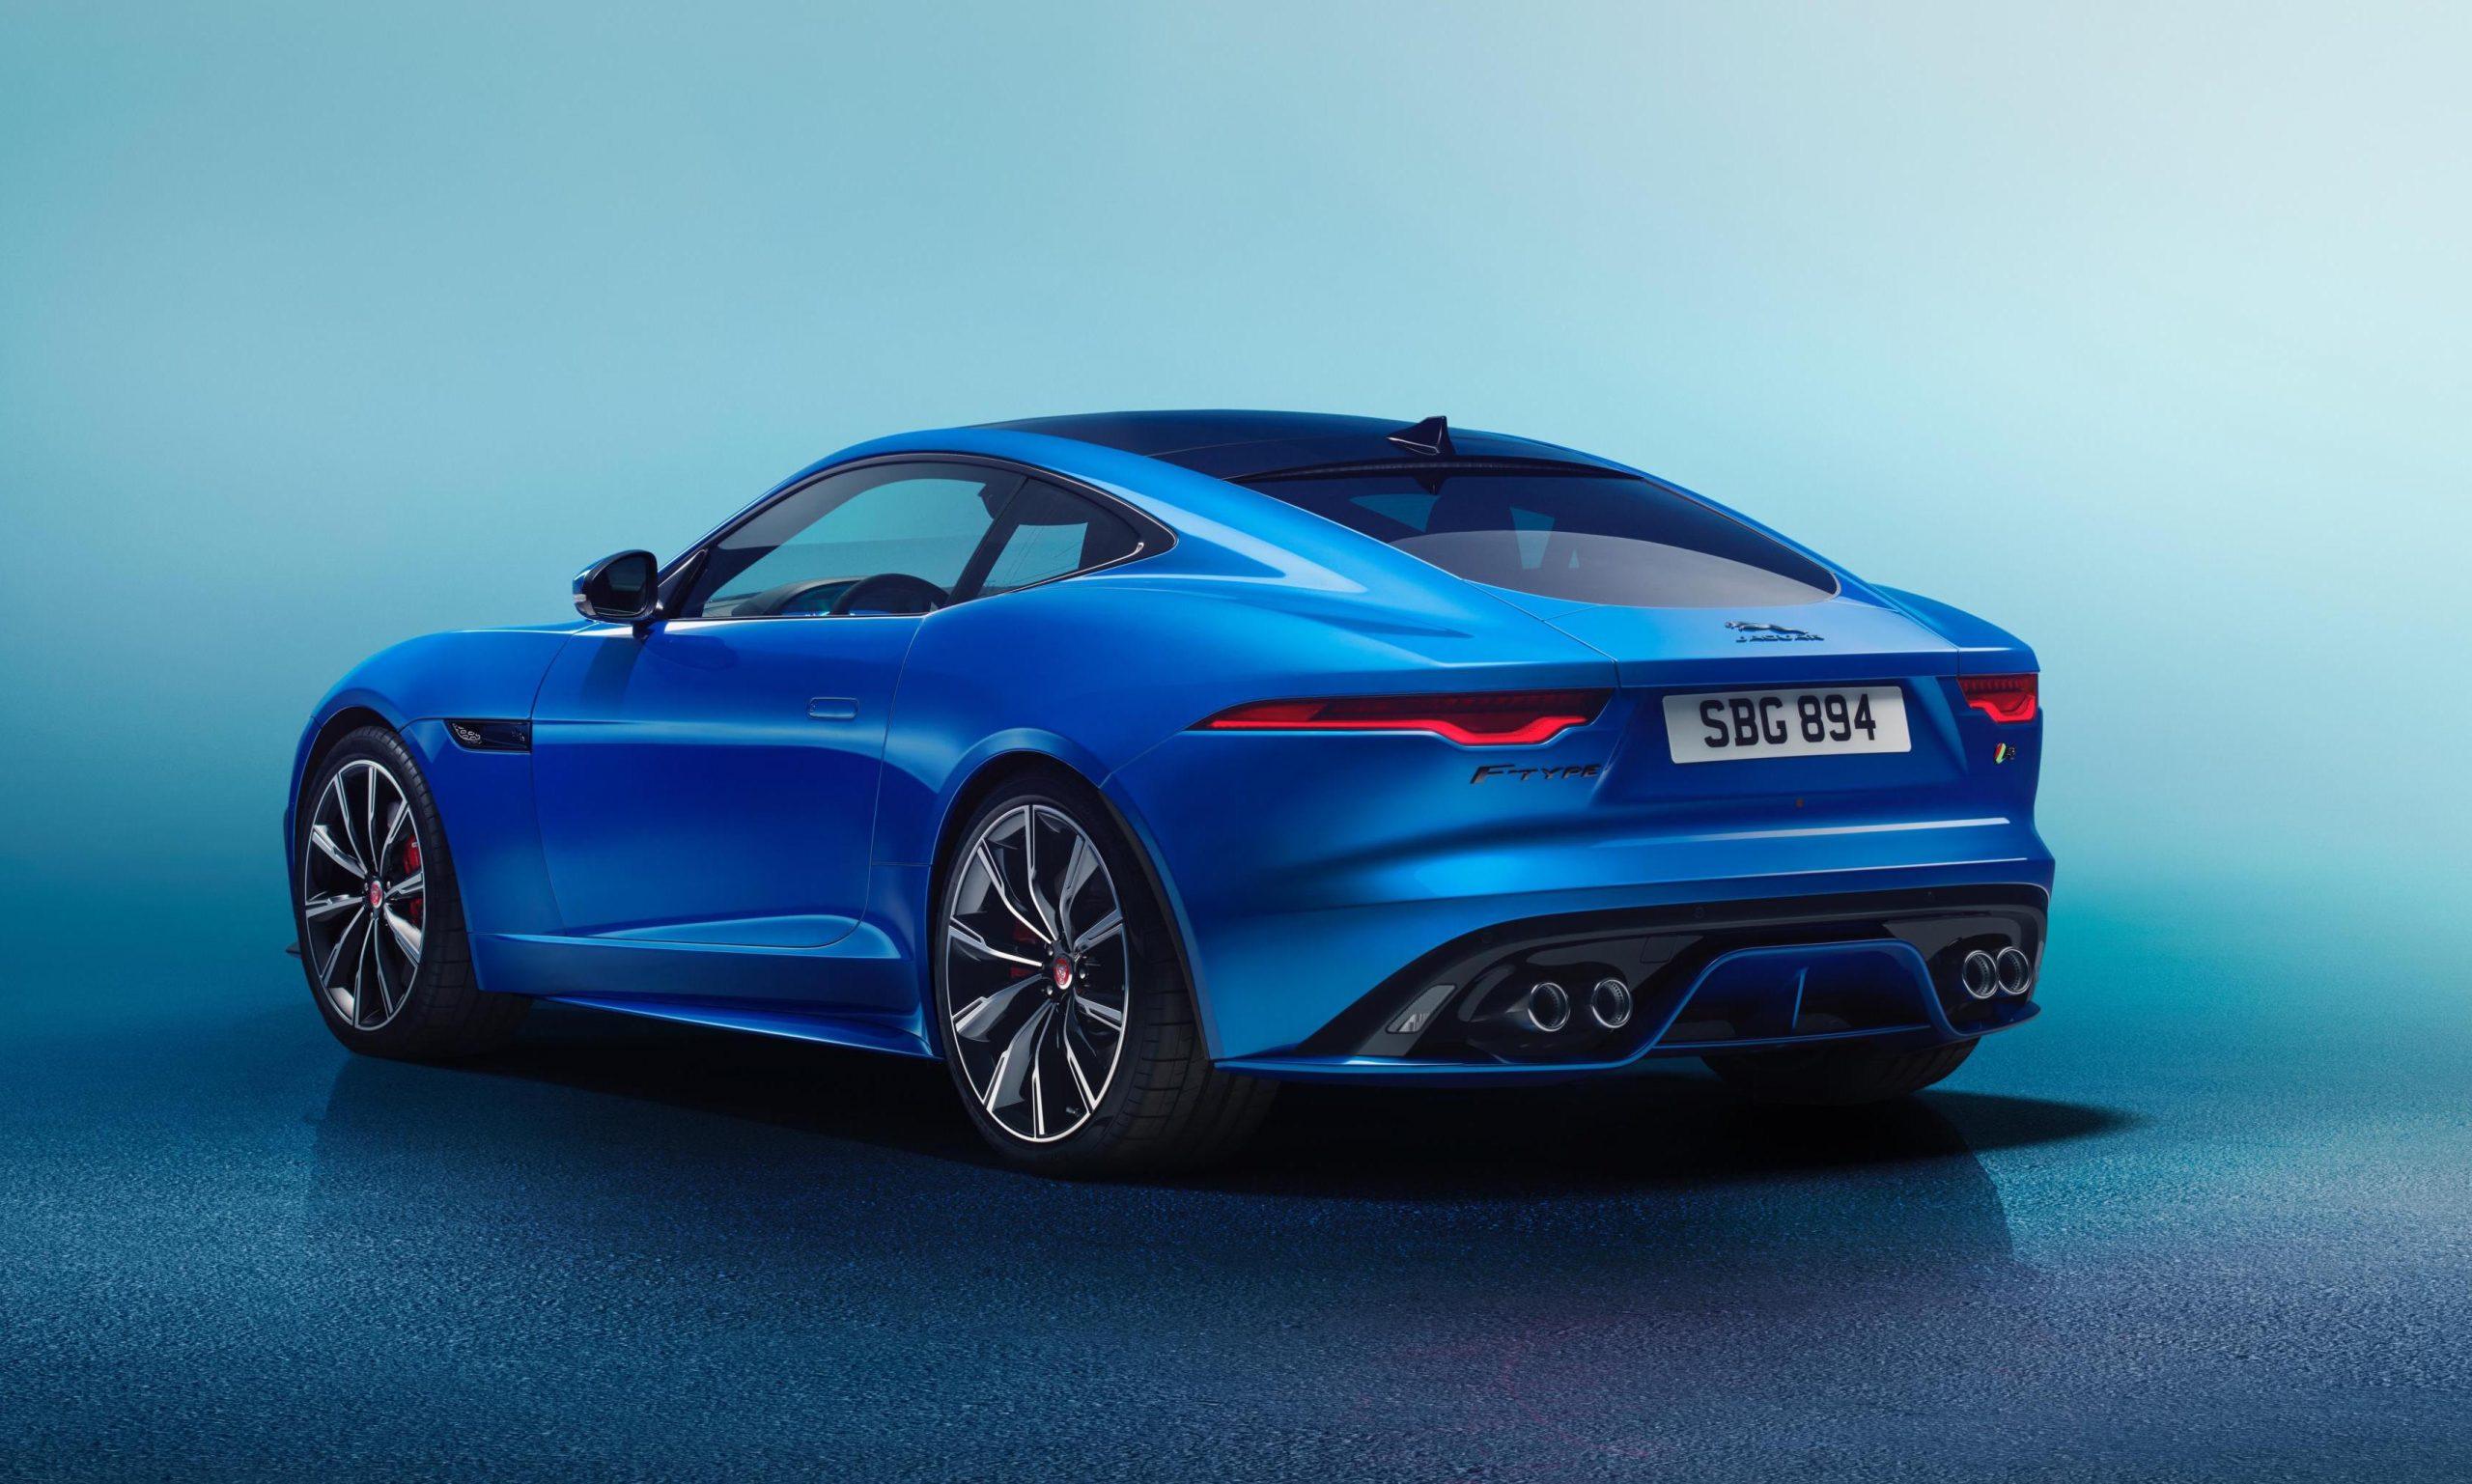 2021 jaguar ftype revealed facelifted design updated